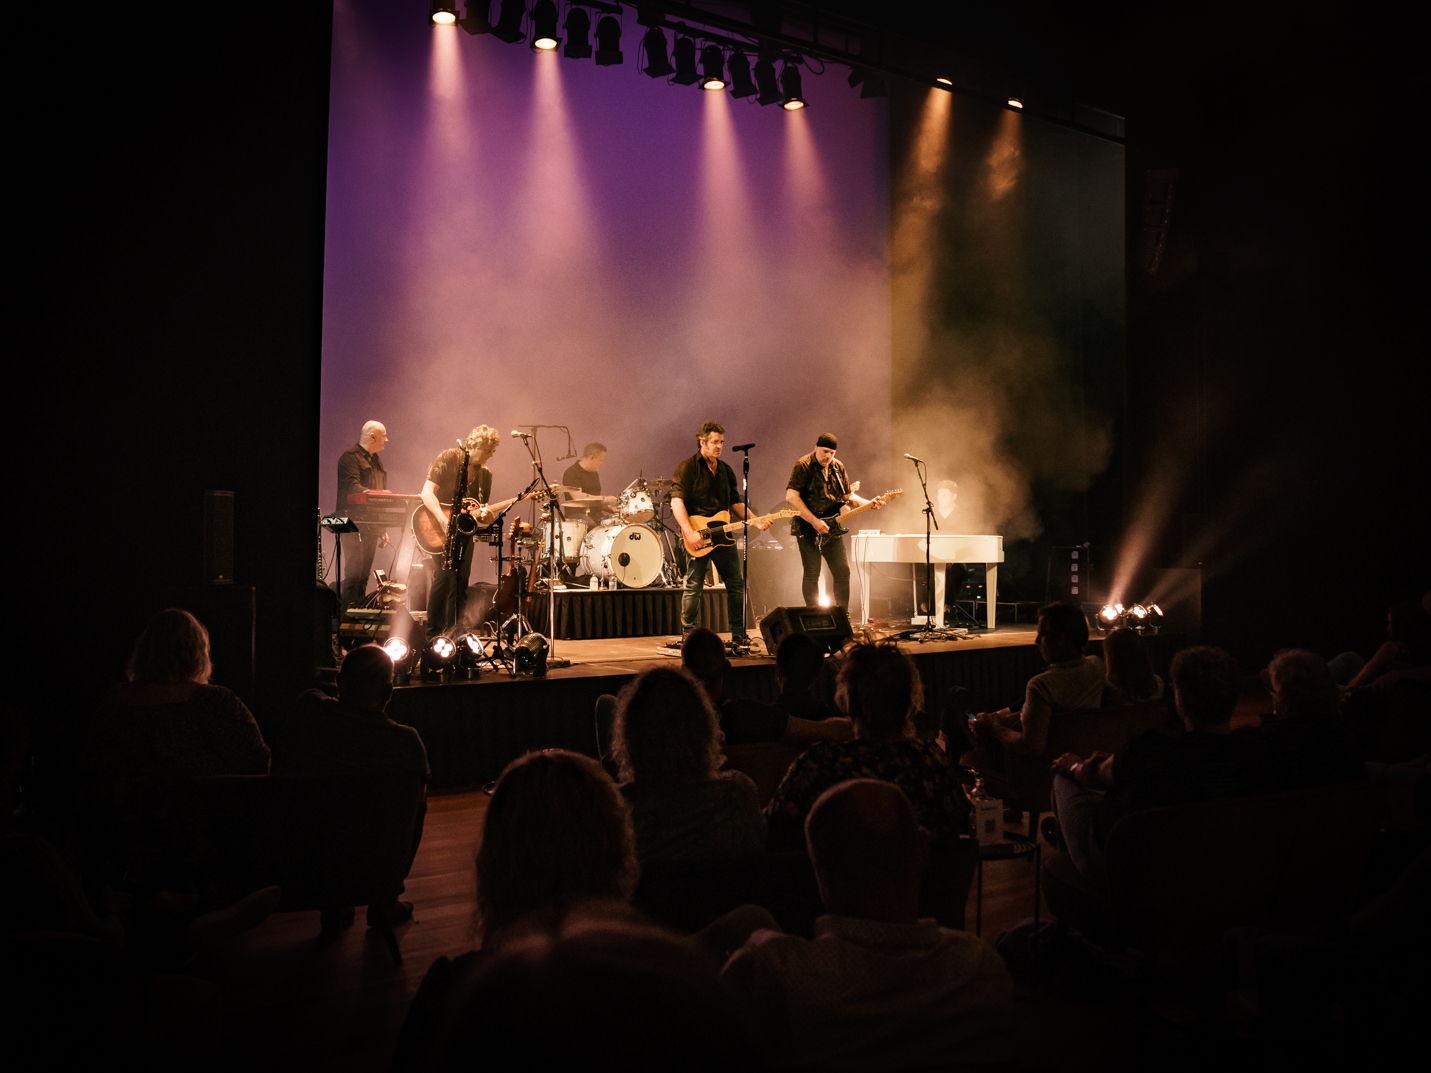 Op 11 september 2021 speelde The Bruceband in Hoogeveen. Het tuinconcert werd naar binnen verplaatst vanwege het weer. Foto's door Photo Anya